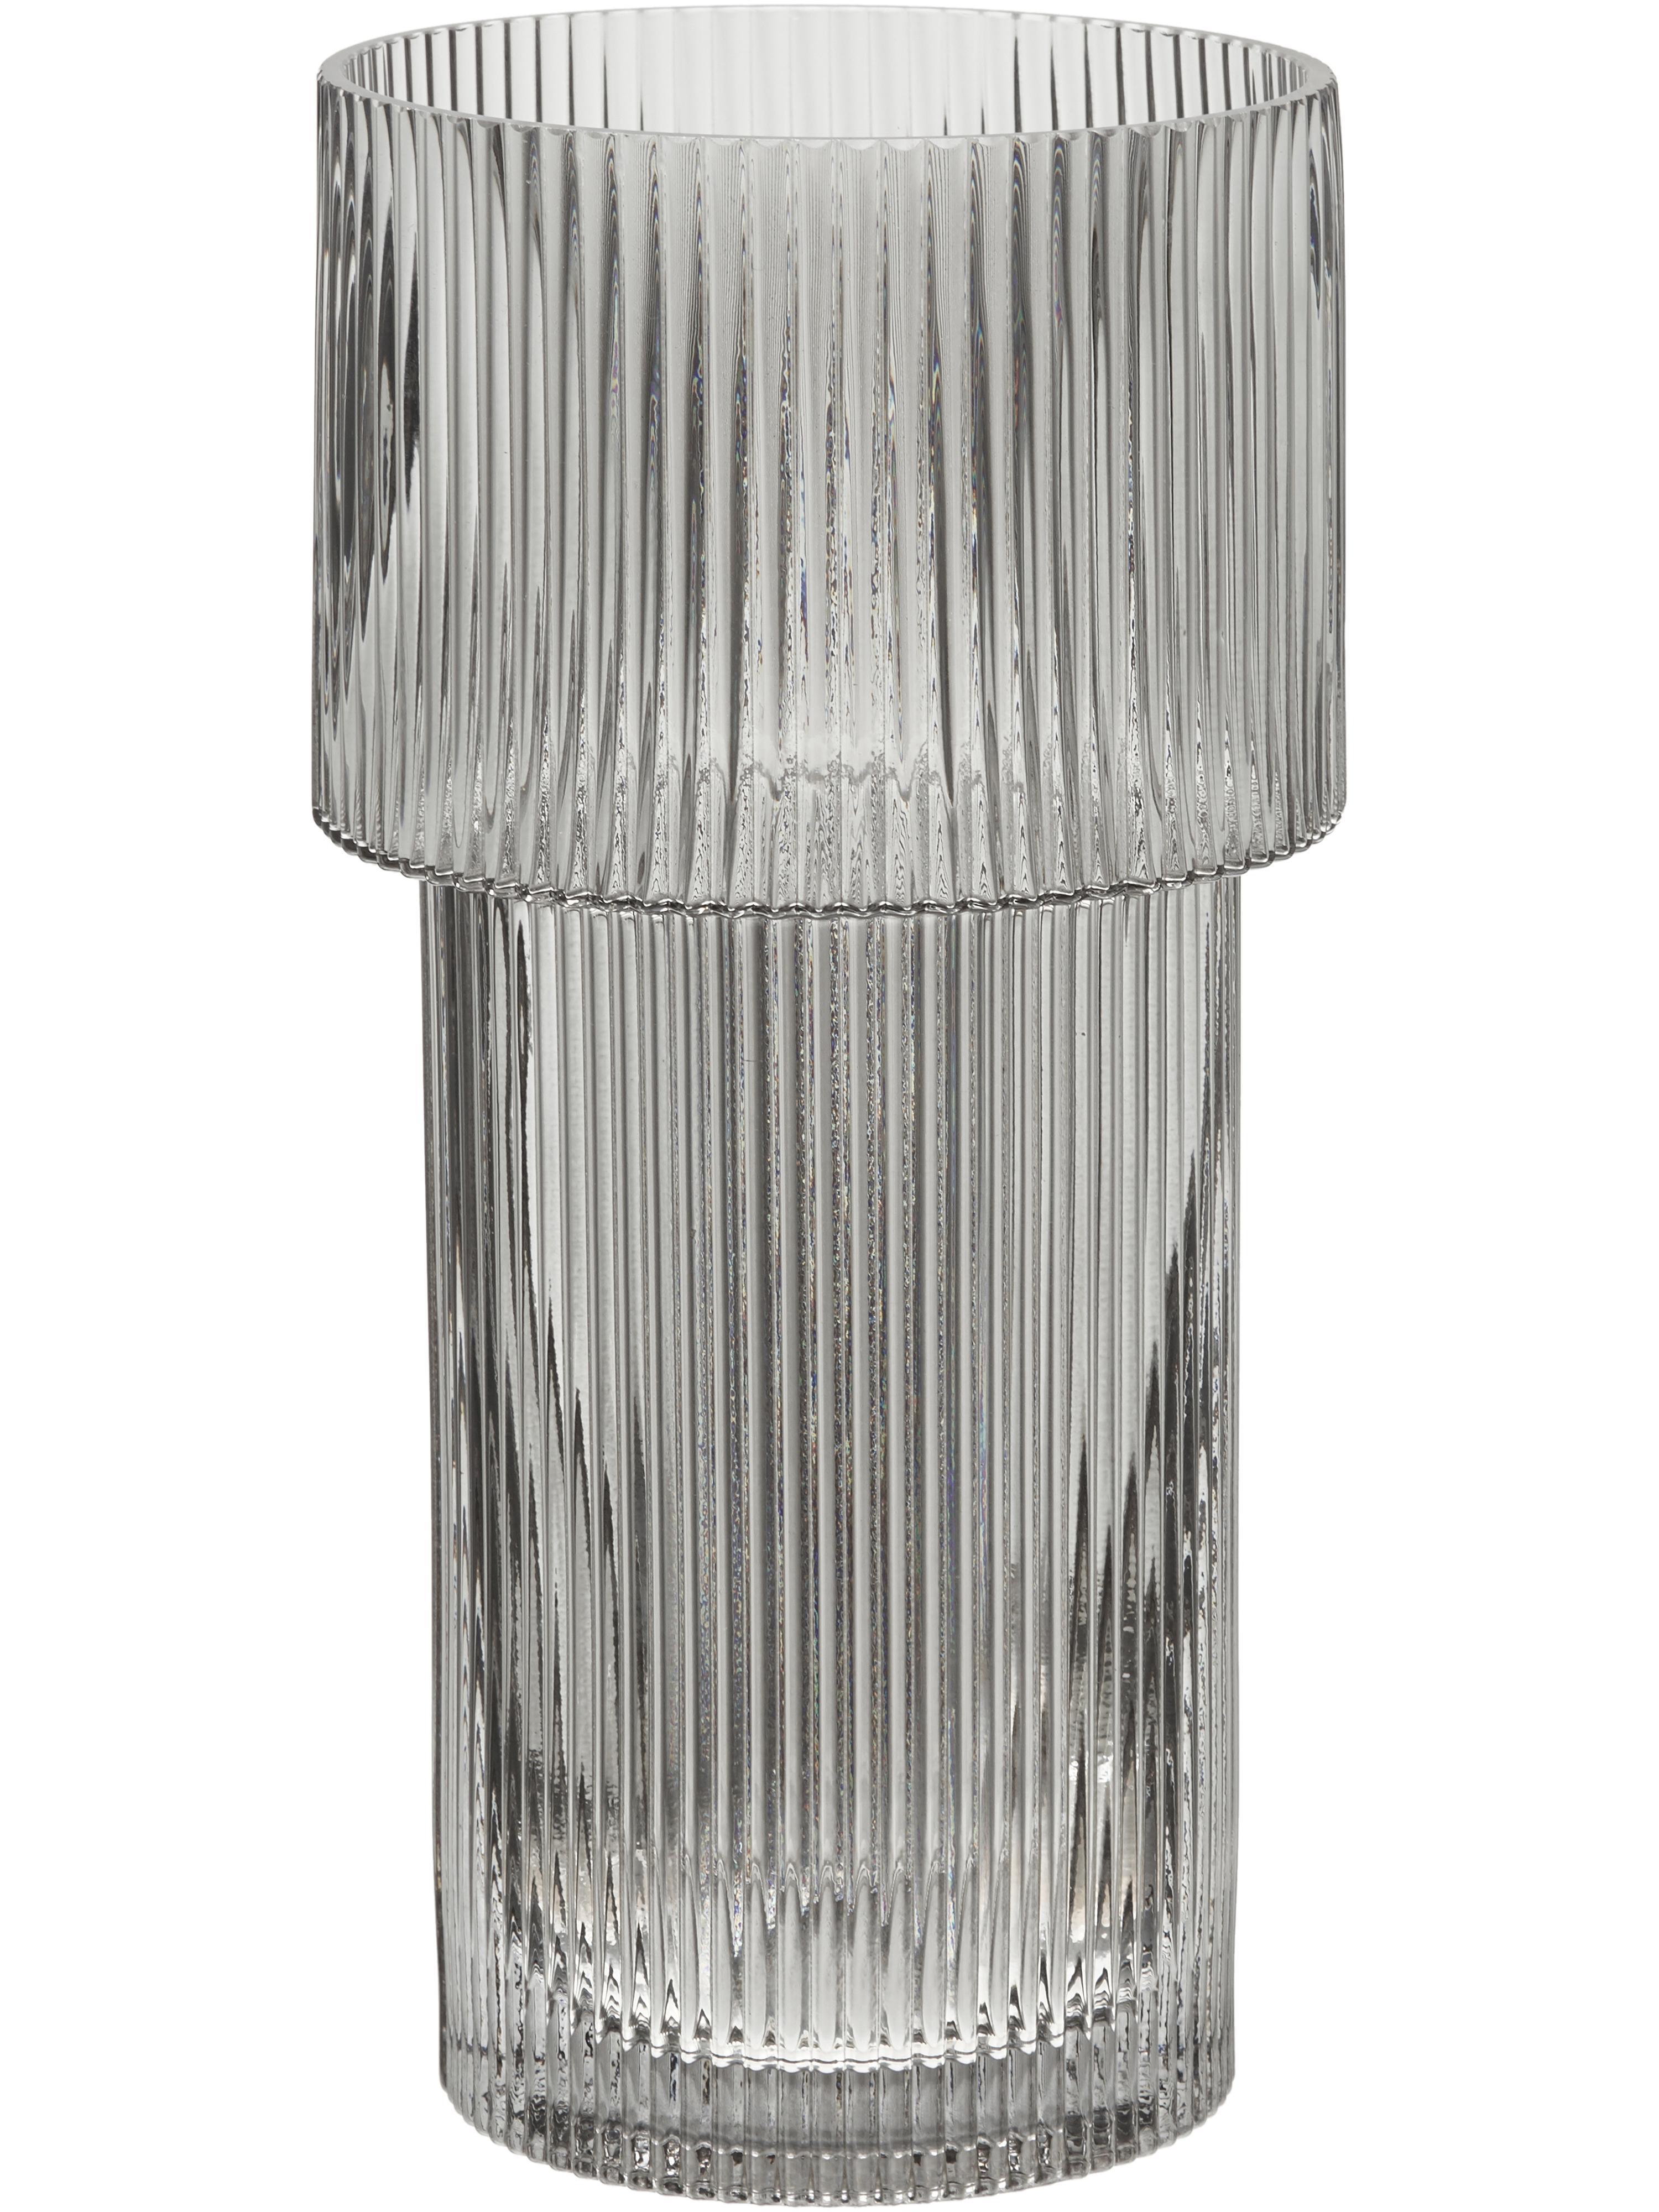 Vaas Lija, Glas, Transparant, Ø 14 x H 30 cm